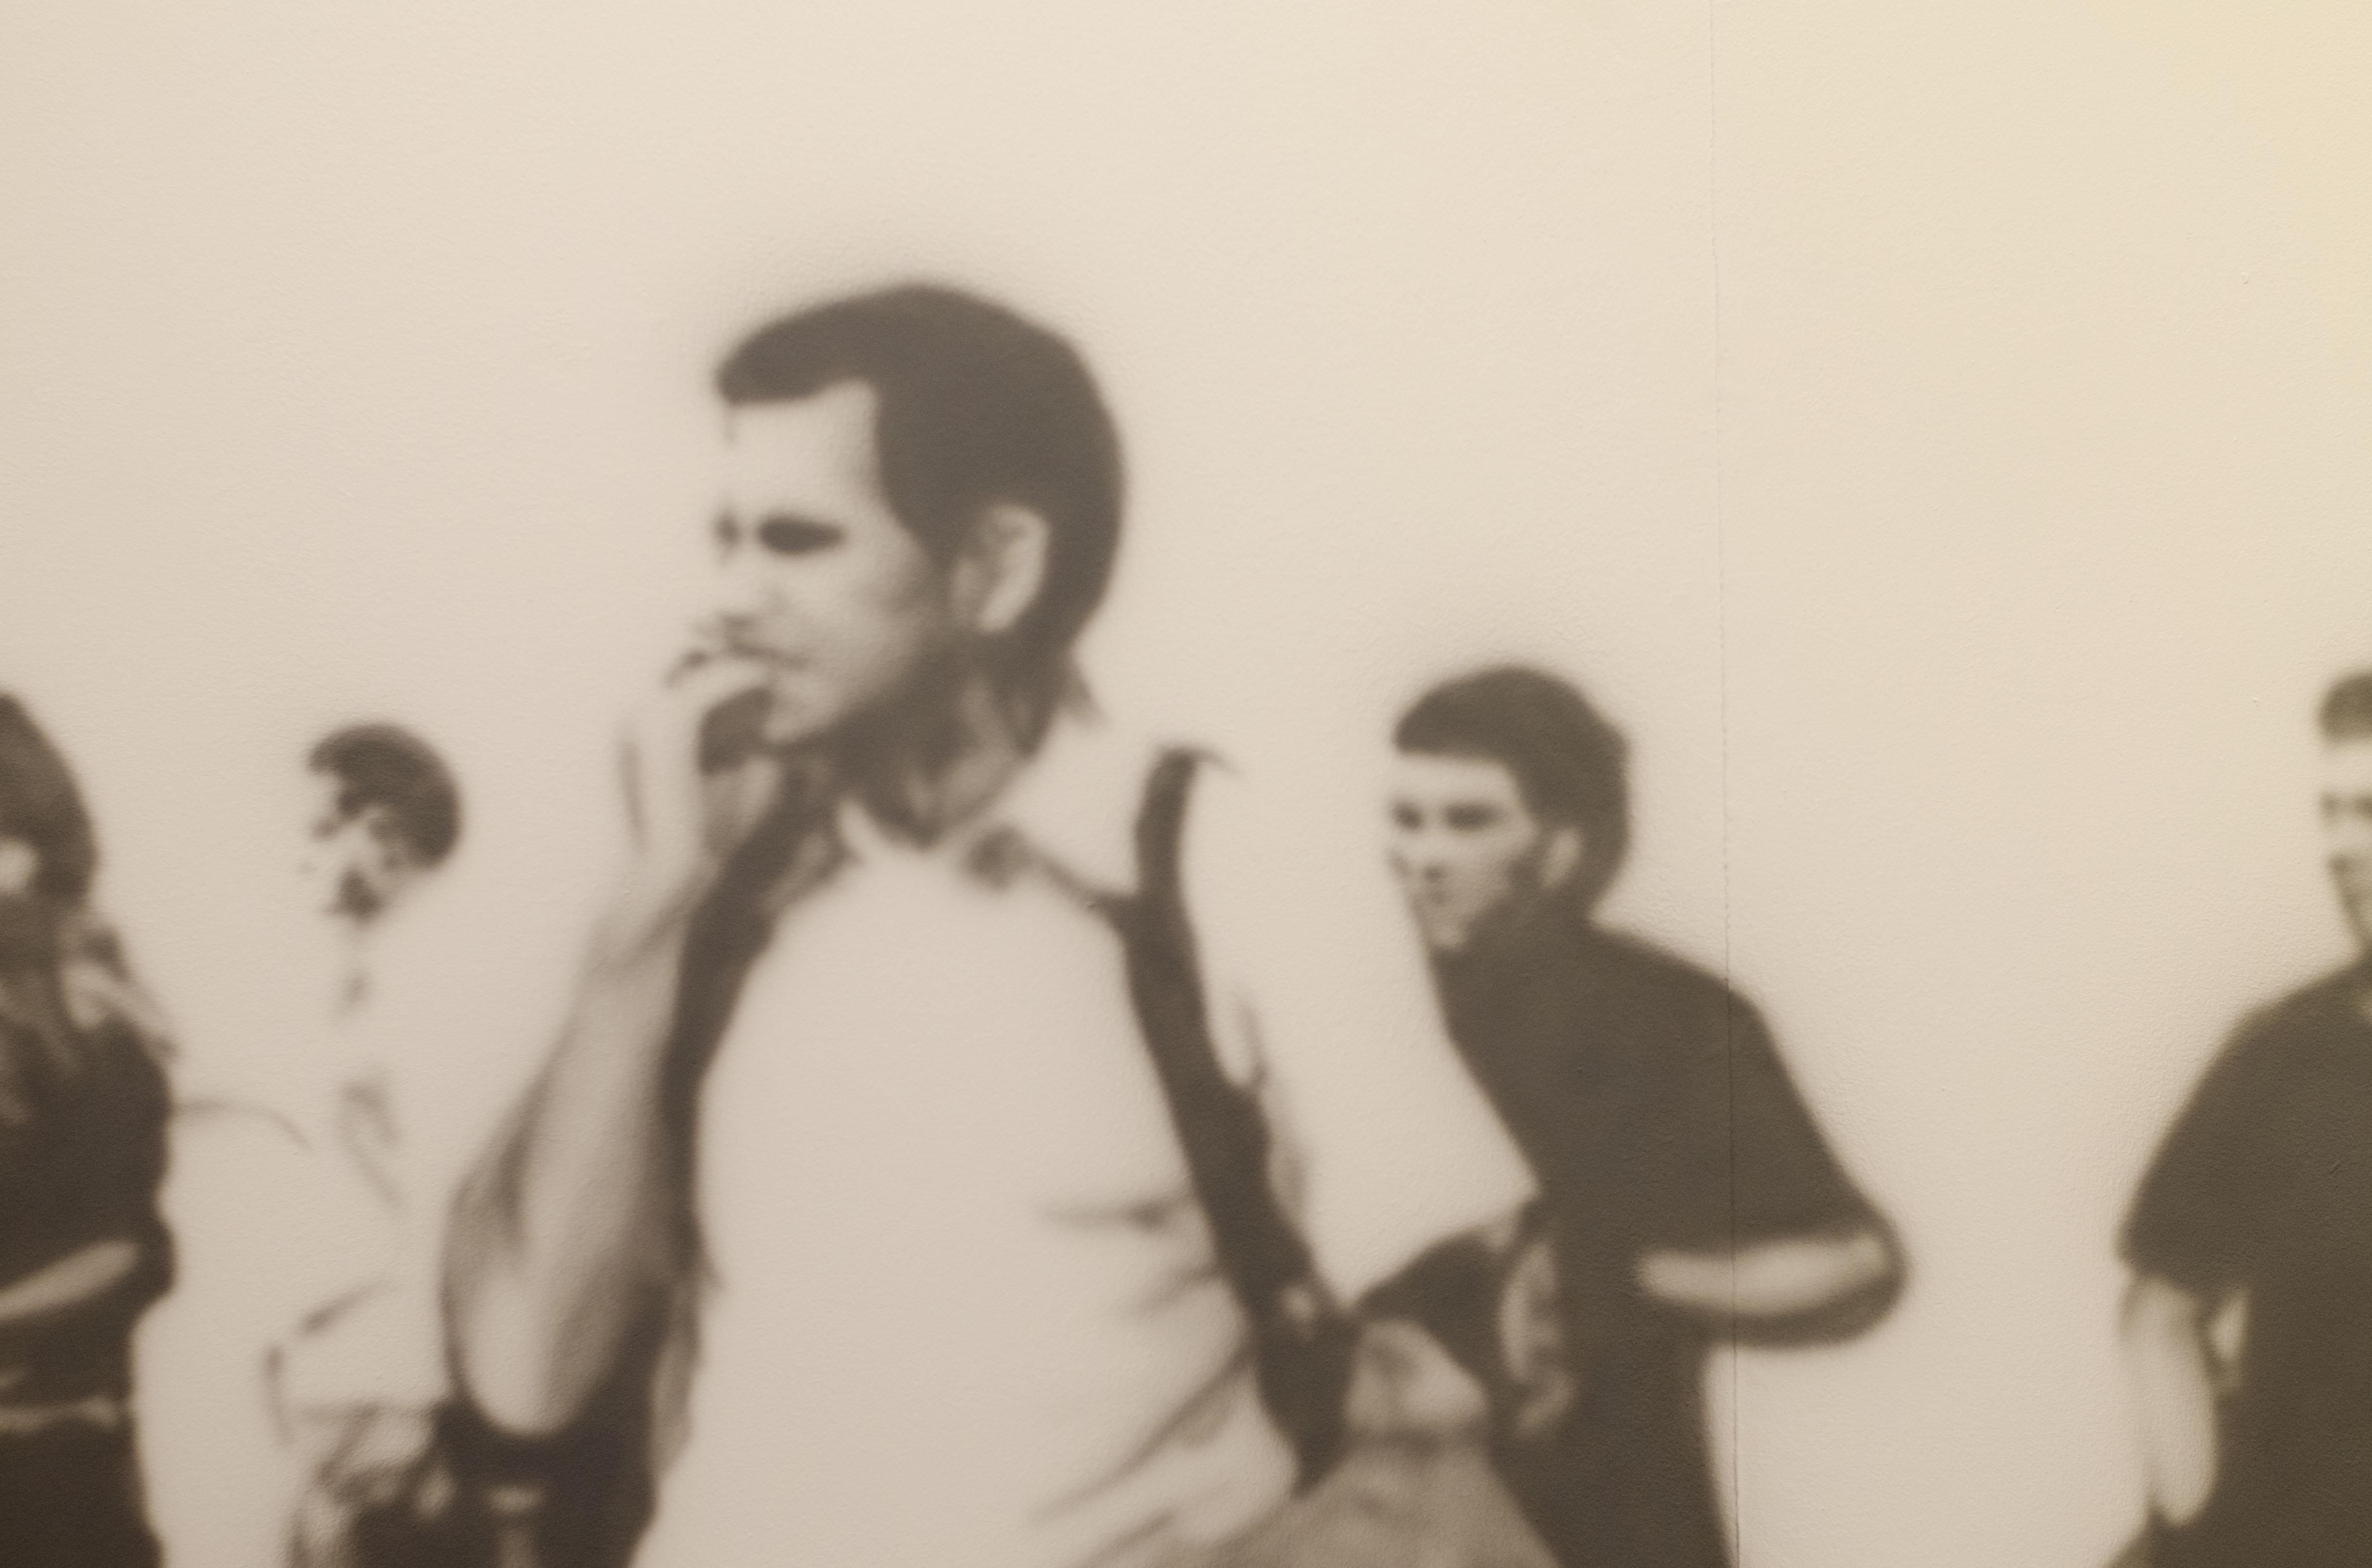 Una obra exhibida en el Museo Nacional de Artes Visuales de Montevideo en el marco de Bienalsur